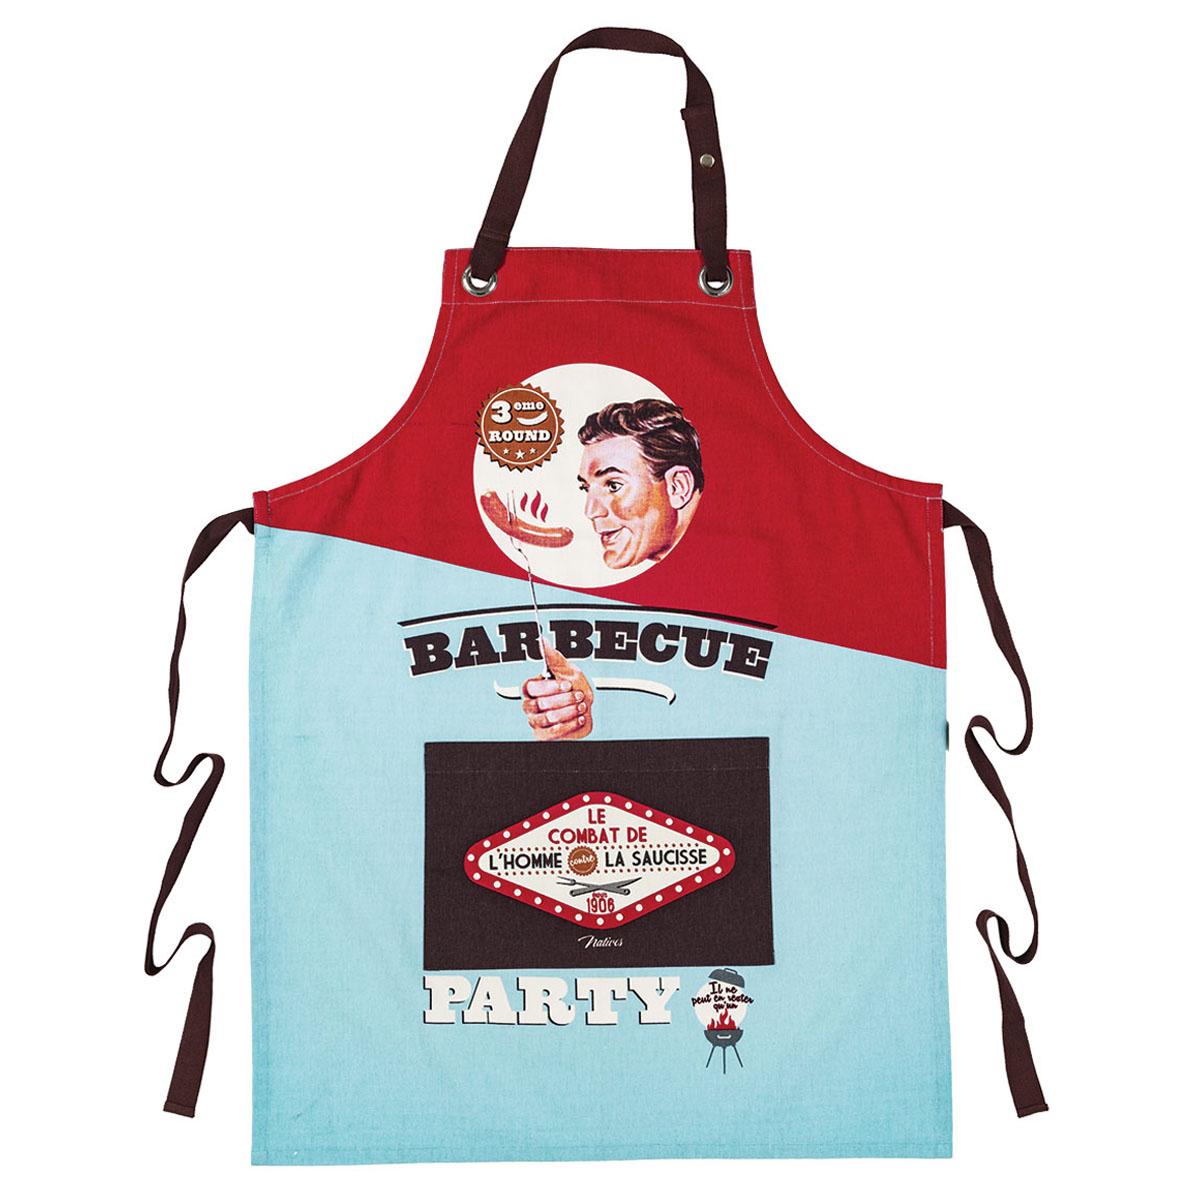 Tablier coton \'French Vintage\' (Barbecue Party - le combat de l\'Homme et la Saucisse) - 80x57 cm - [Q6980]